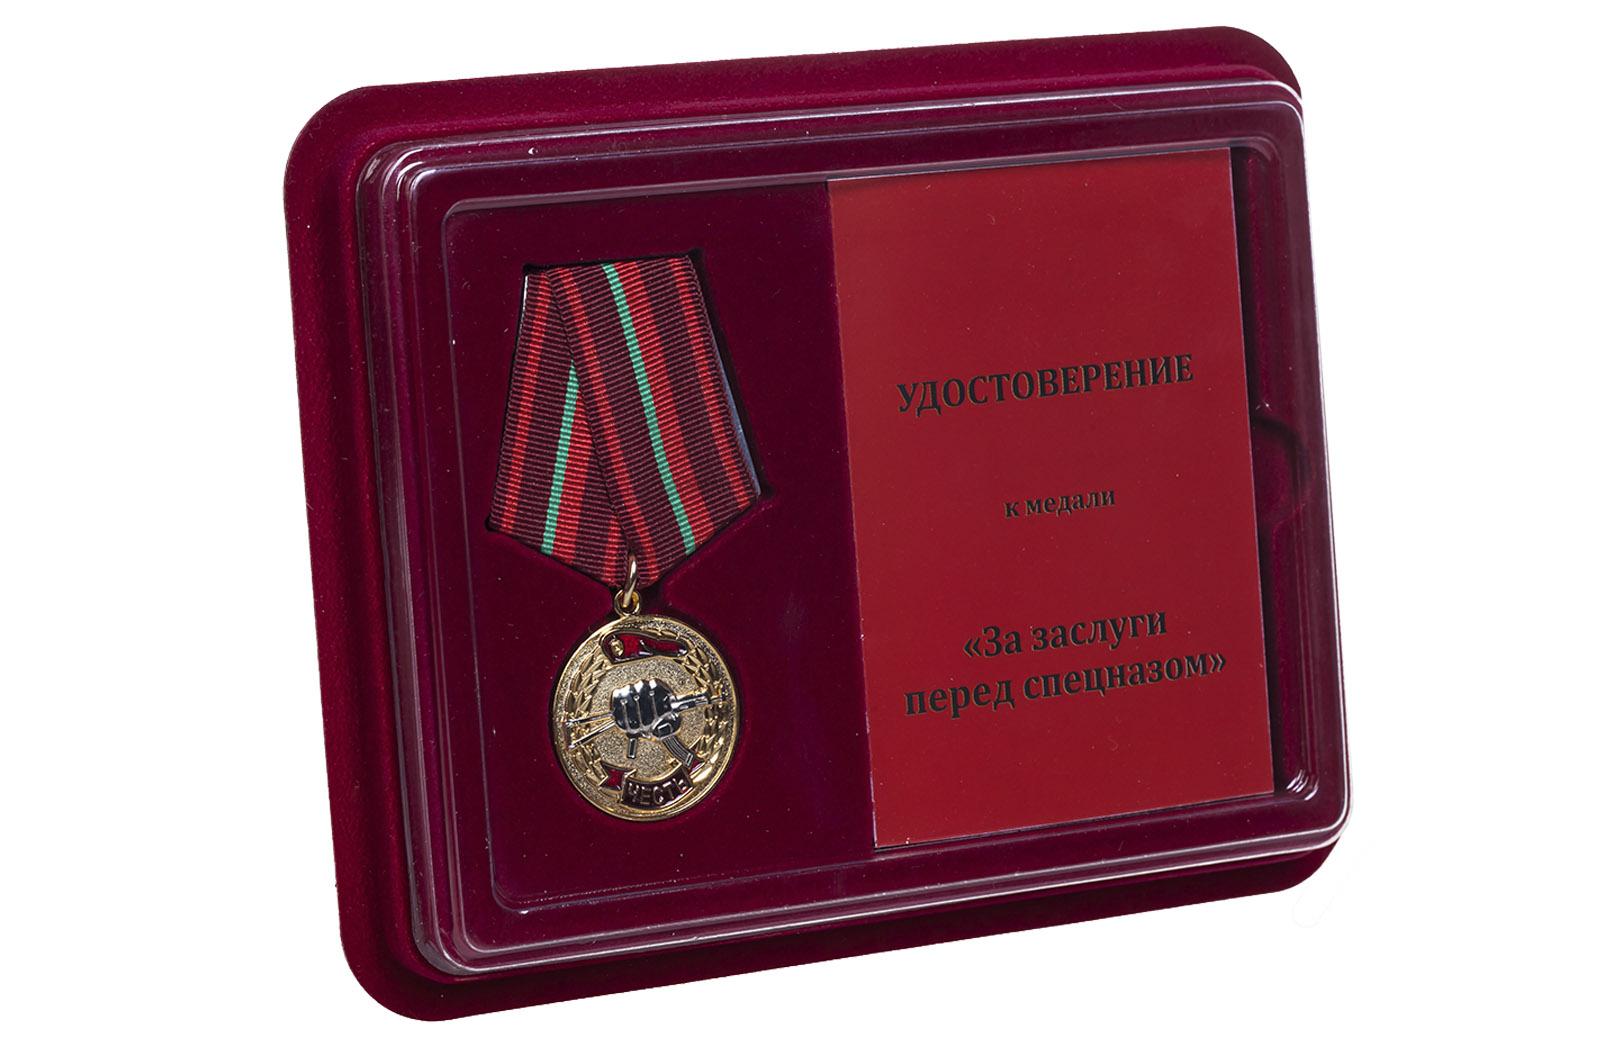 Купить медаль Спецназа ВВ РФ За заслуги оптом или в розницу